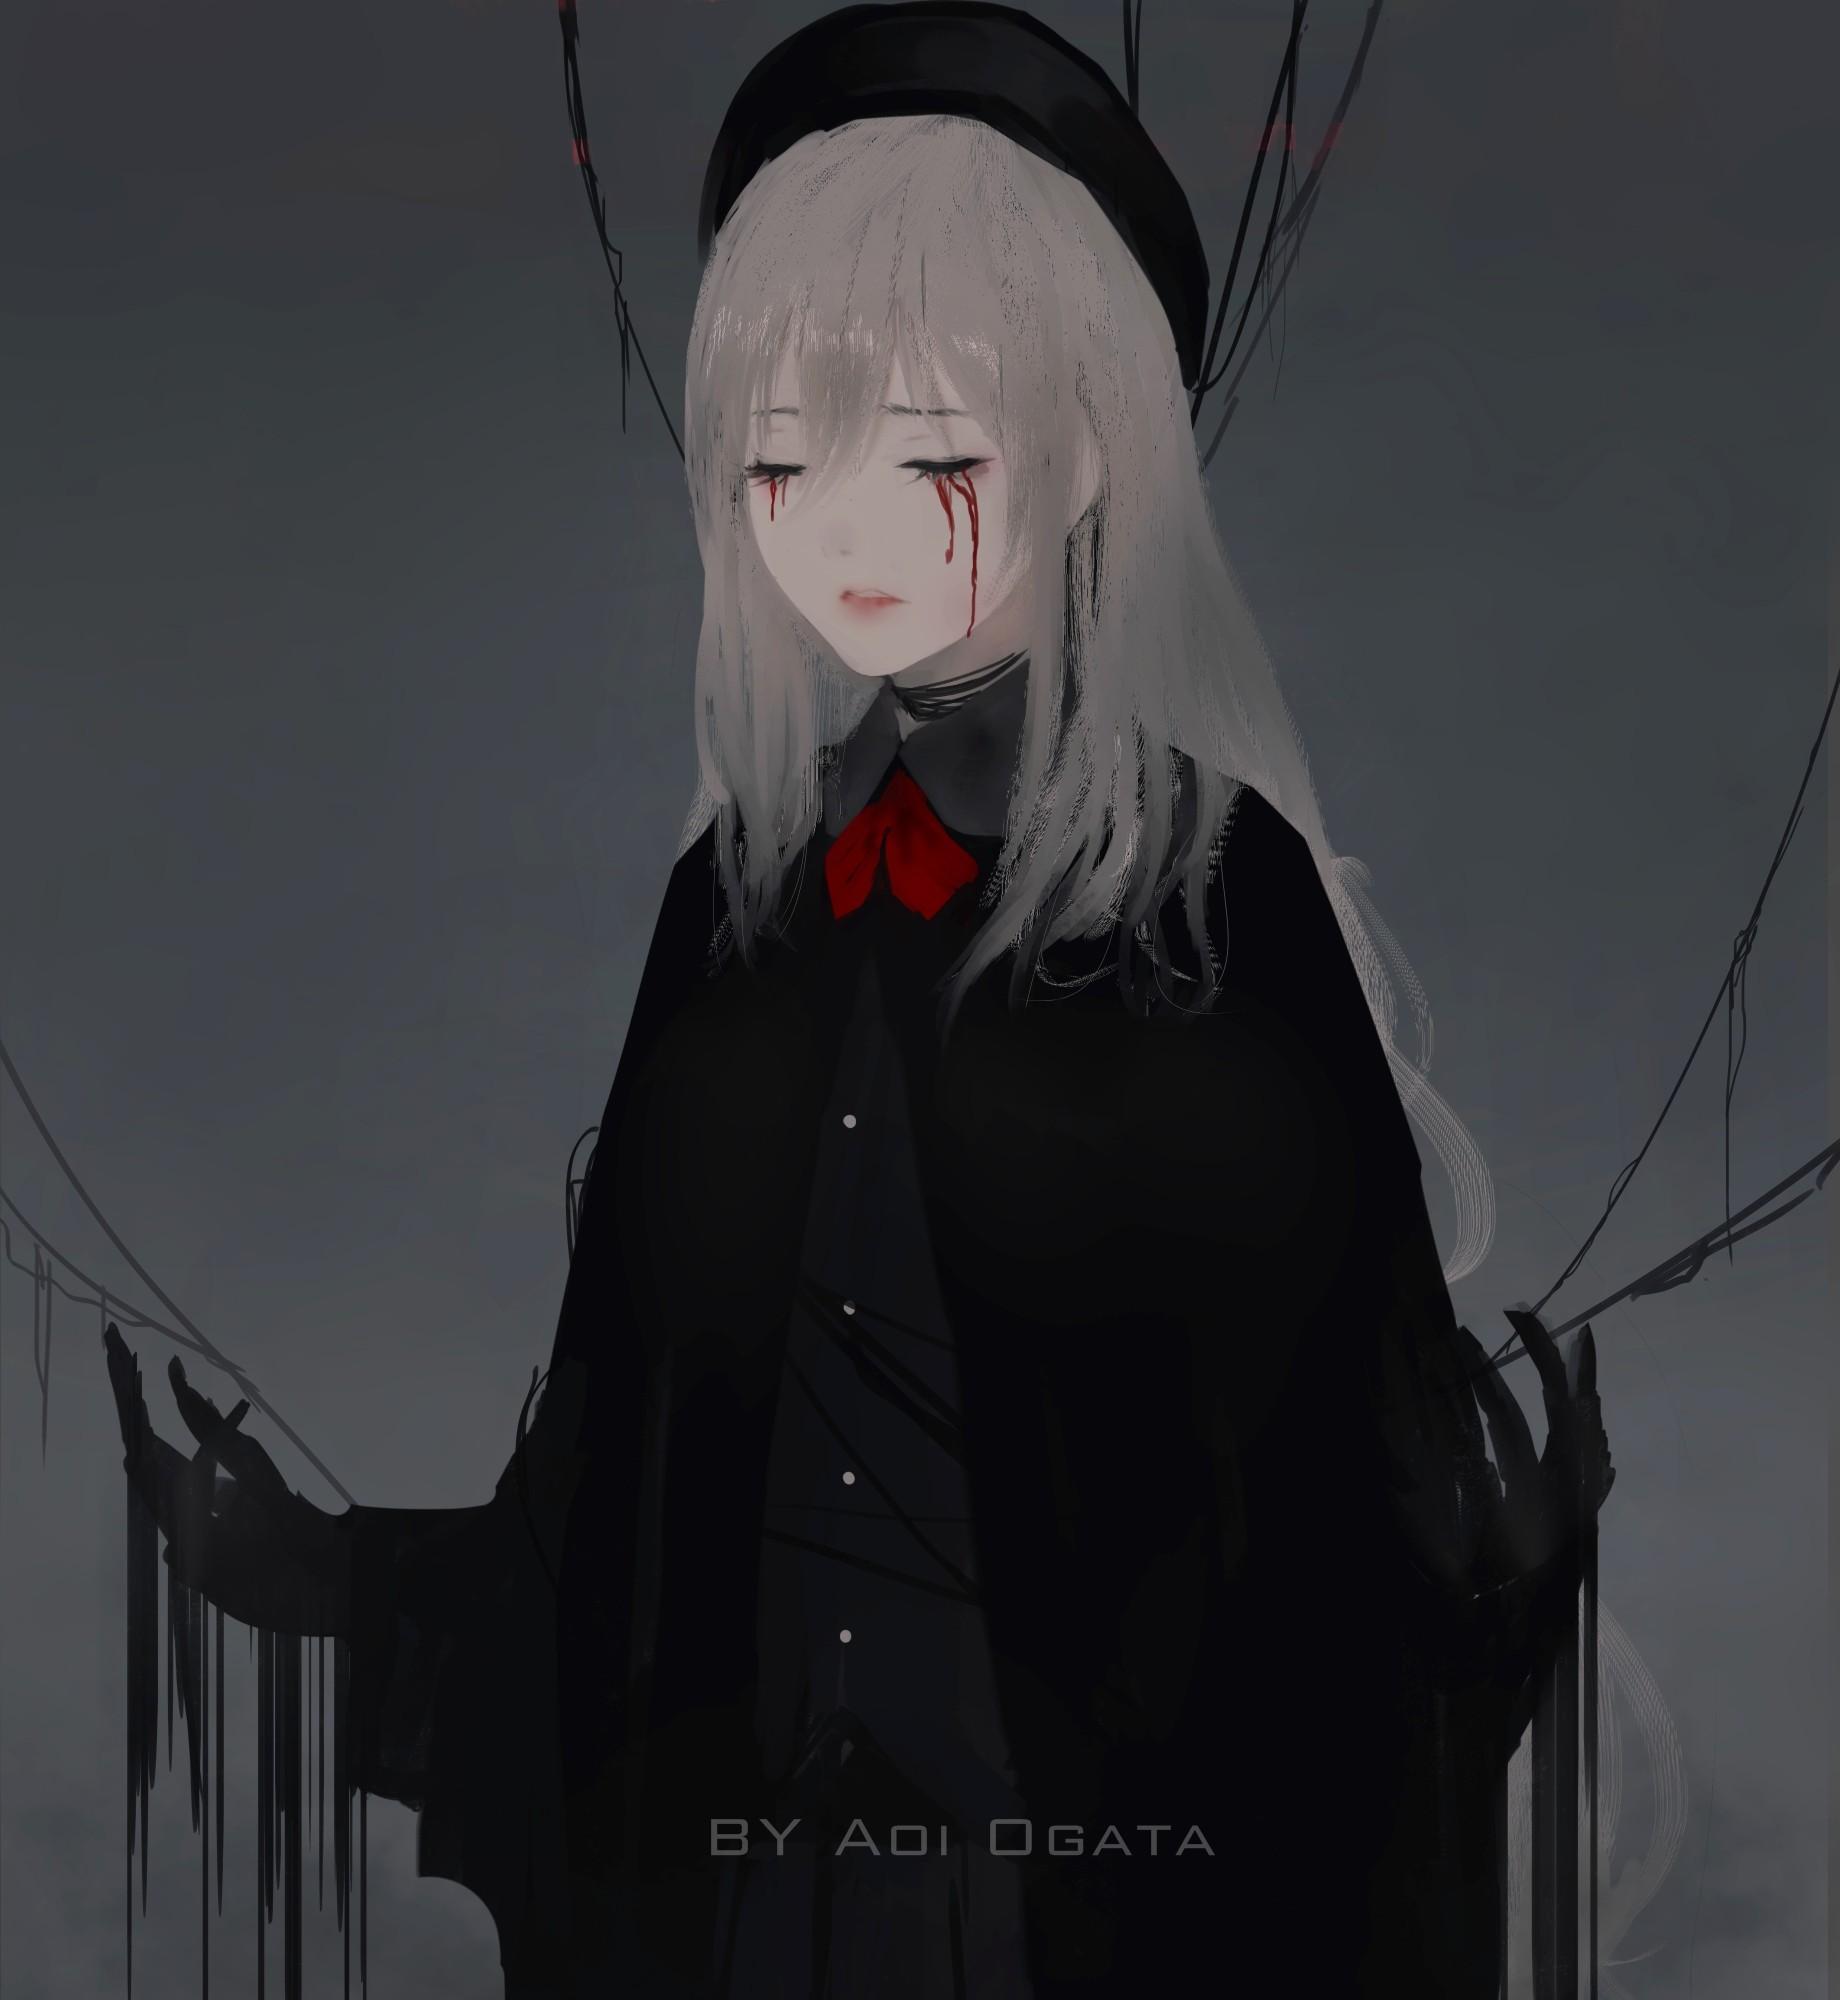 Aoi ogata falling apart